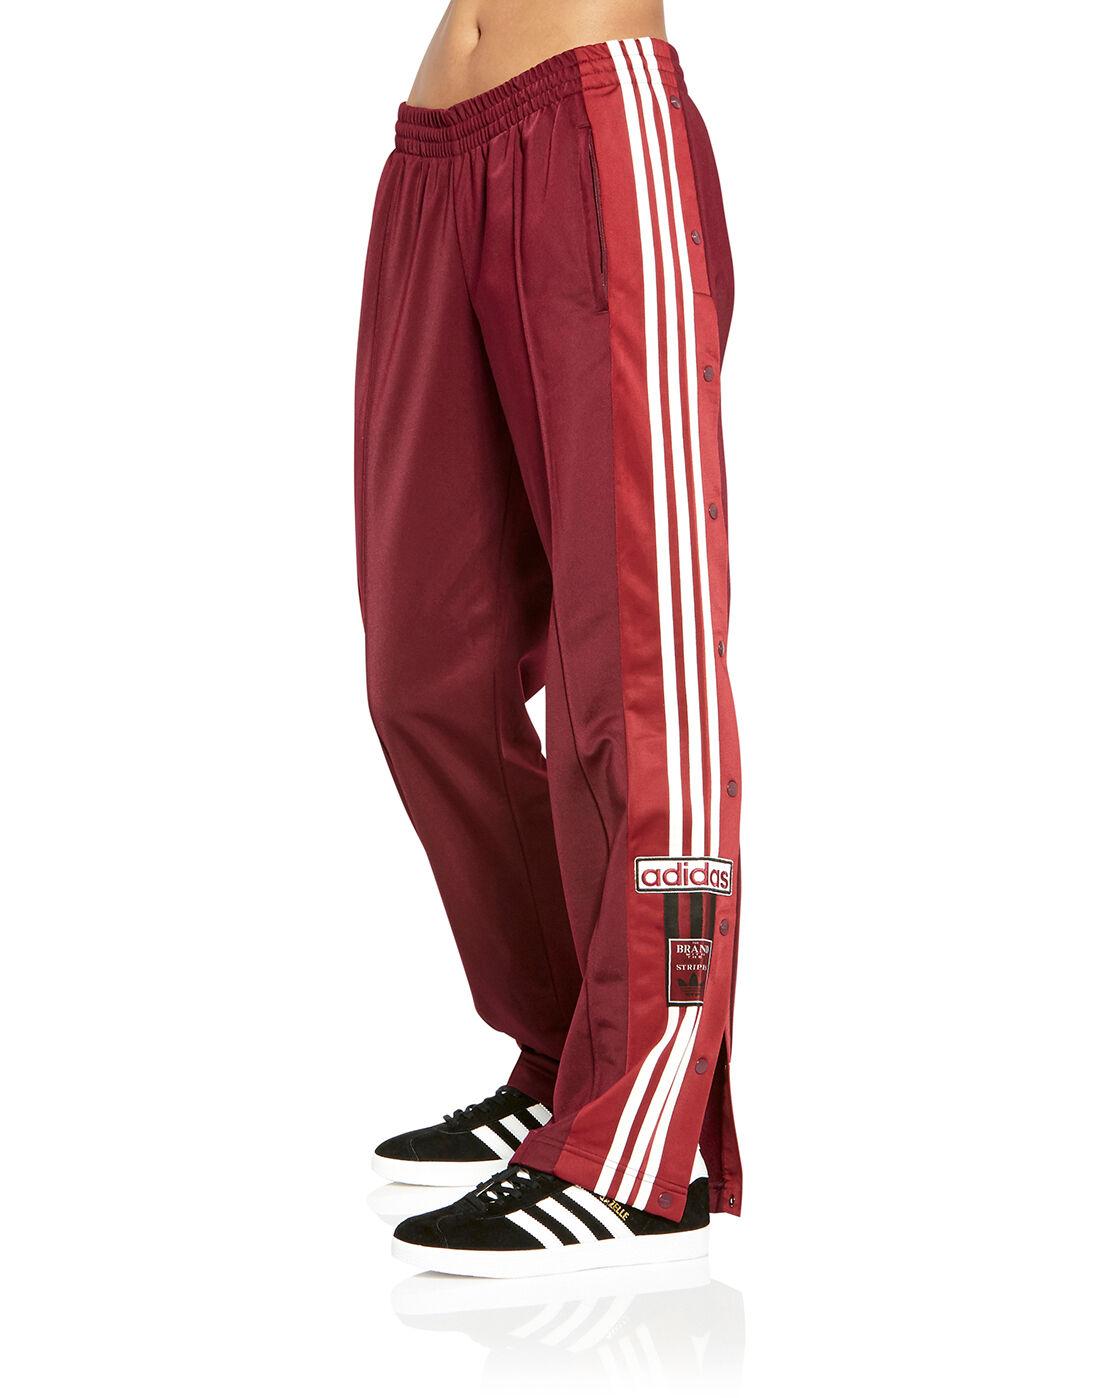 Adidas Originals para mujer estilo de vida deportivo adibreak Pant